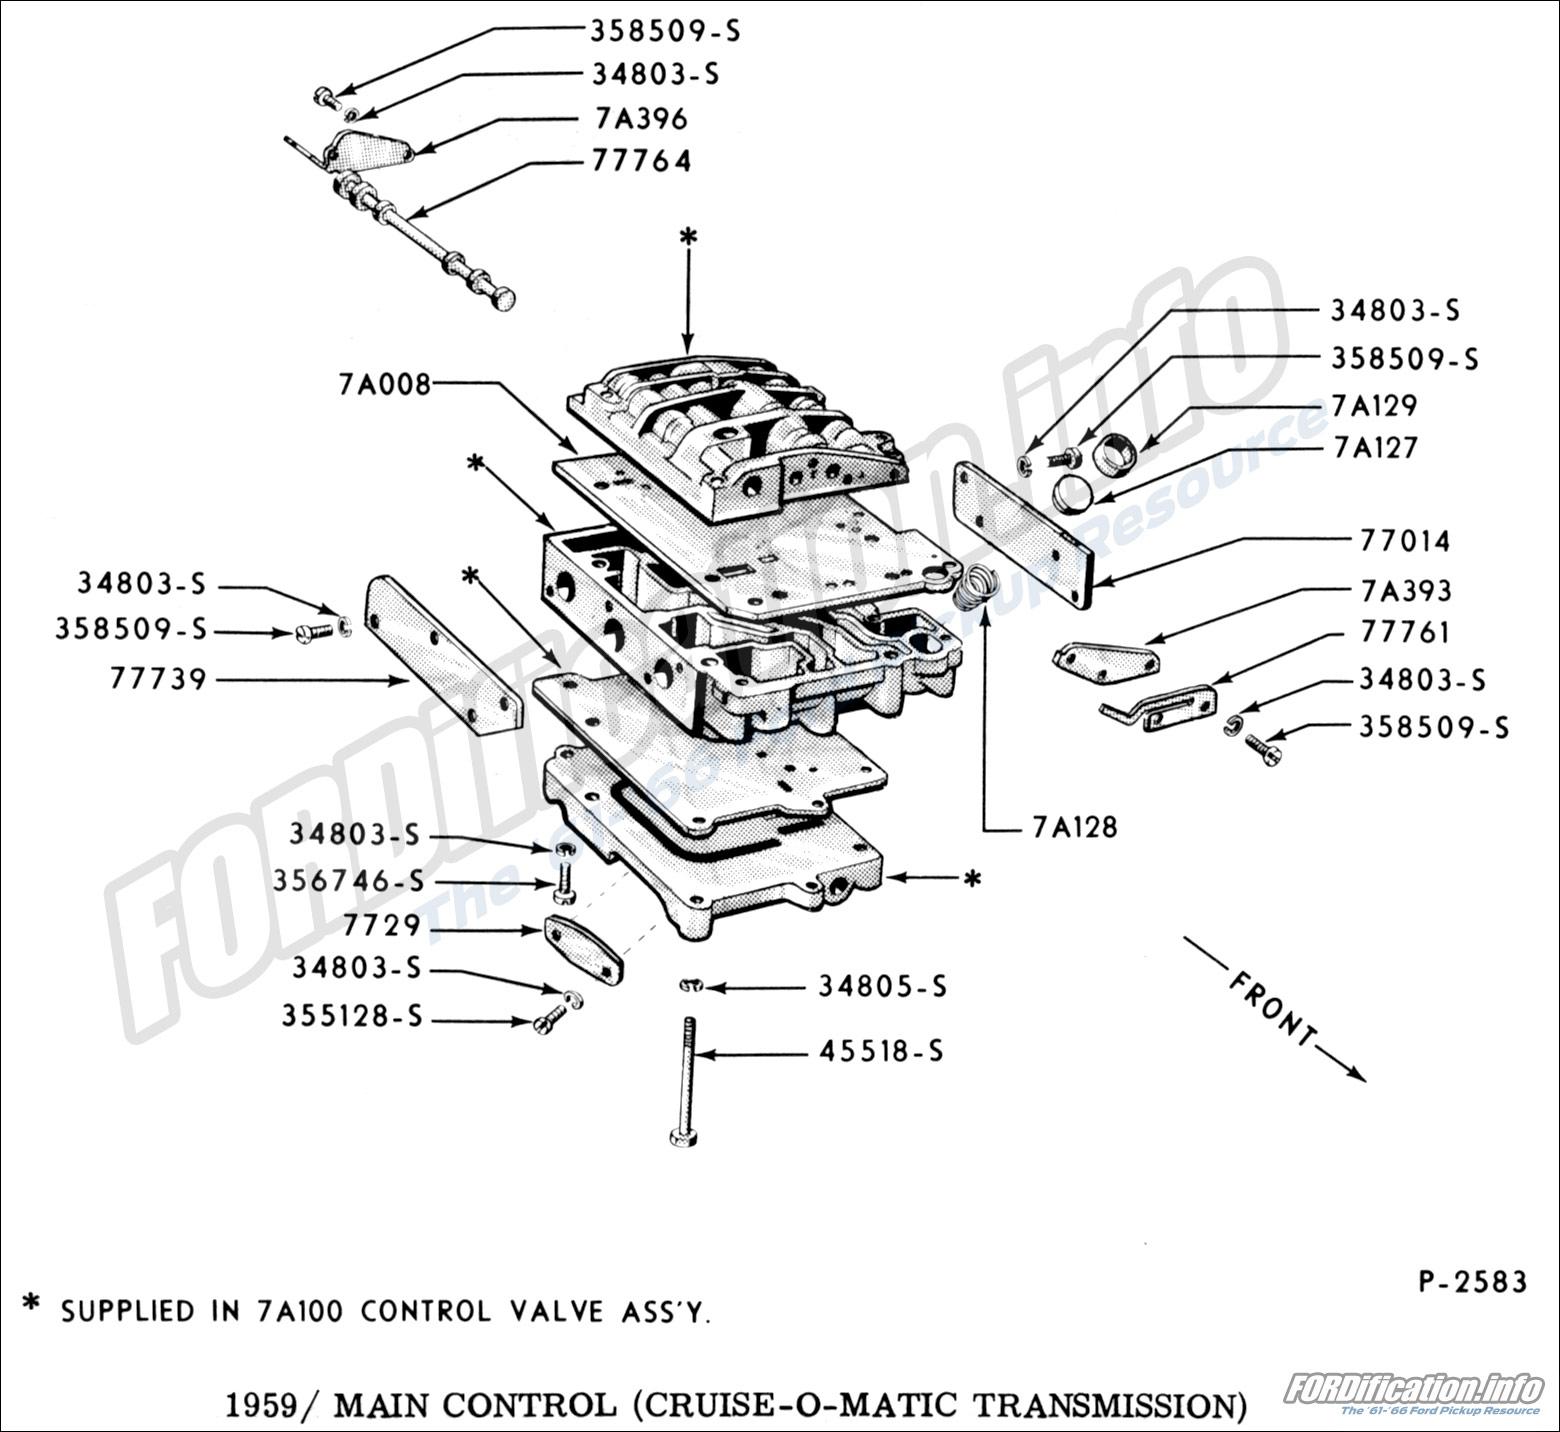 drivetrain schematics - fordification info